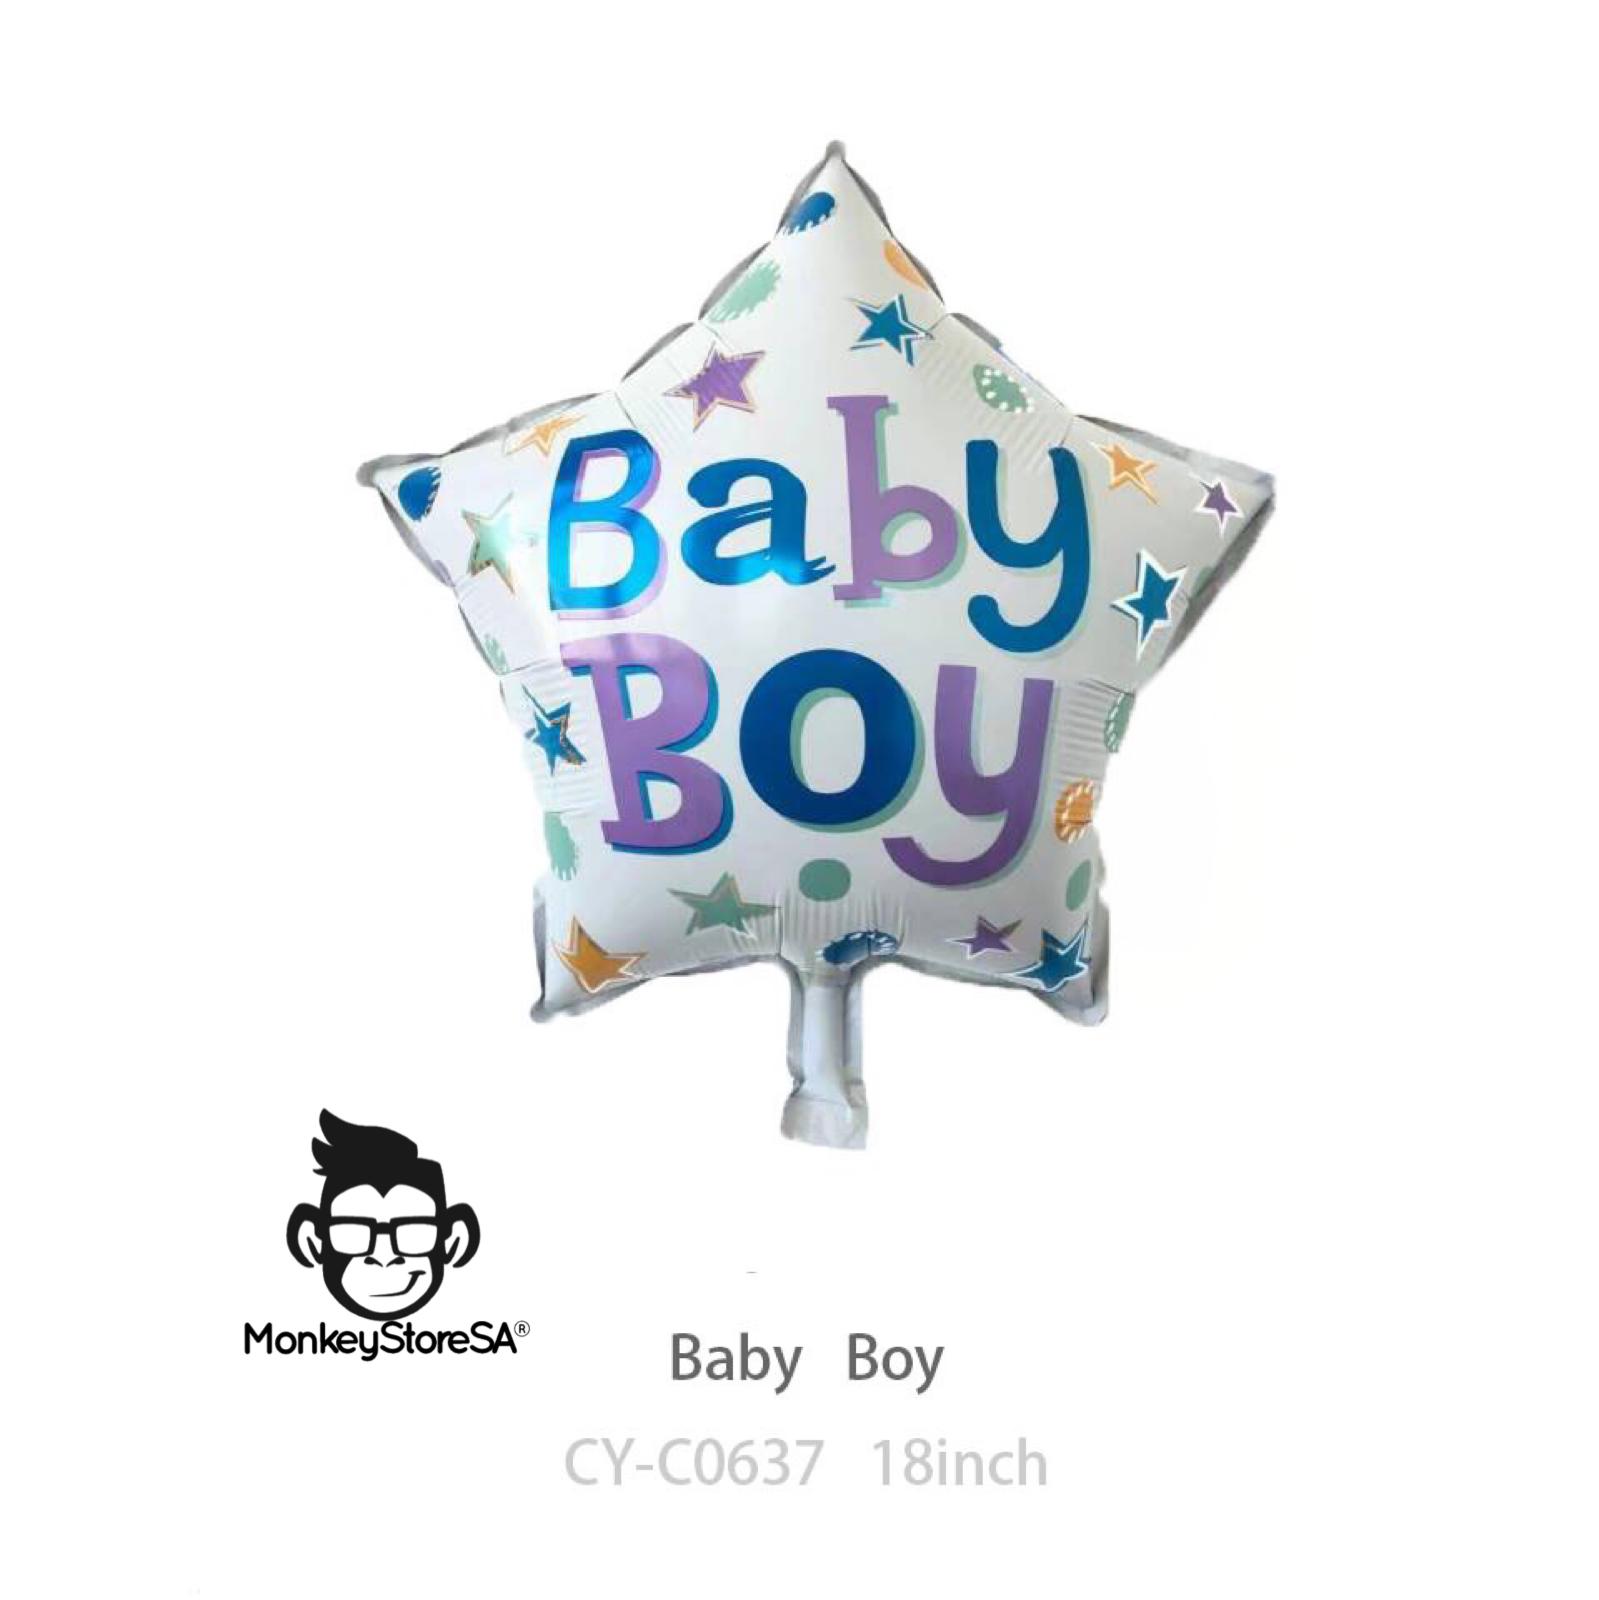 بالونه هيليوم سعر الحبه ٢٠ ريال شامل النفخ Helium Balloons Balloons Baby Boy